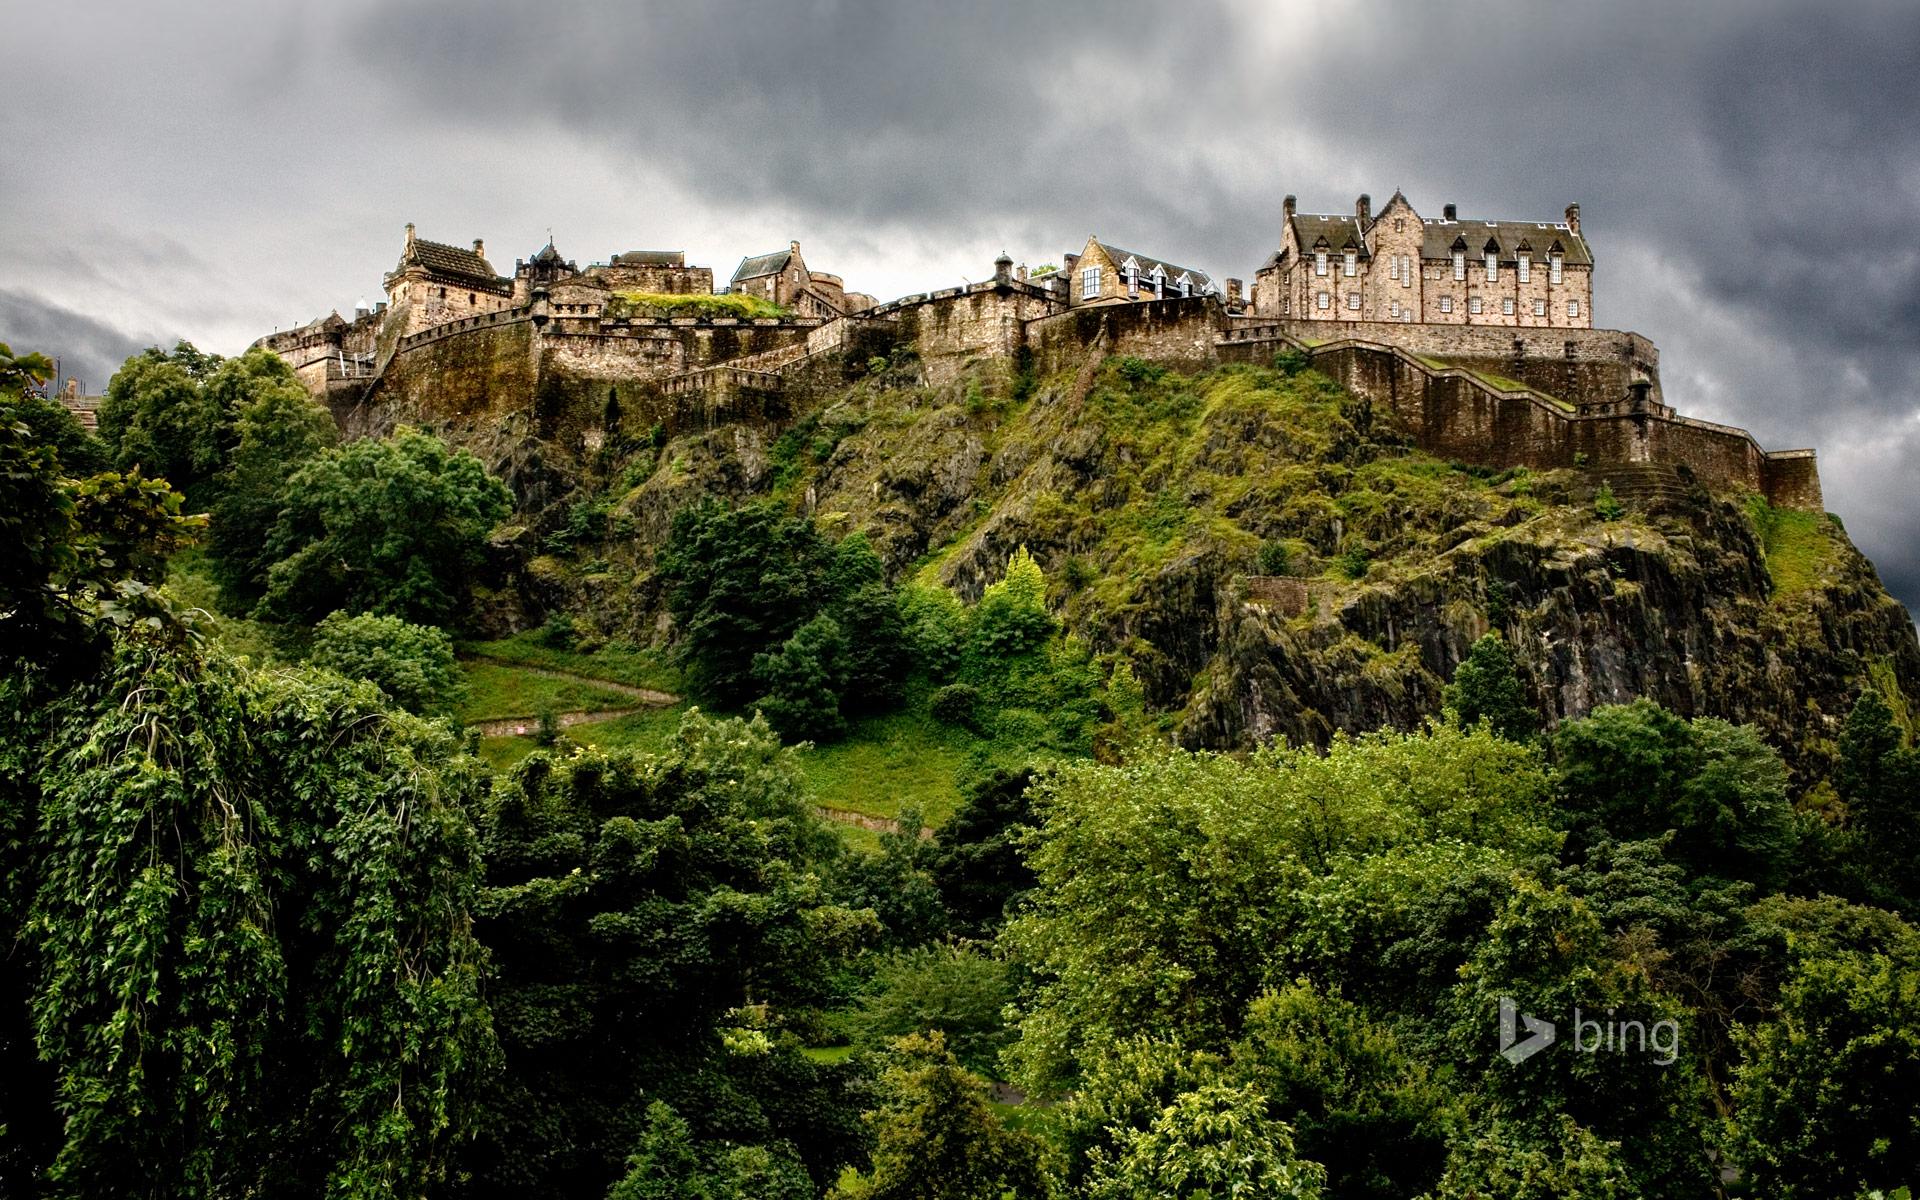 Bing walls 10 dec 2013 16 dec 2013 method of tried - Scotland wallpaper ...